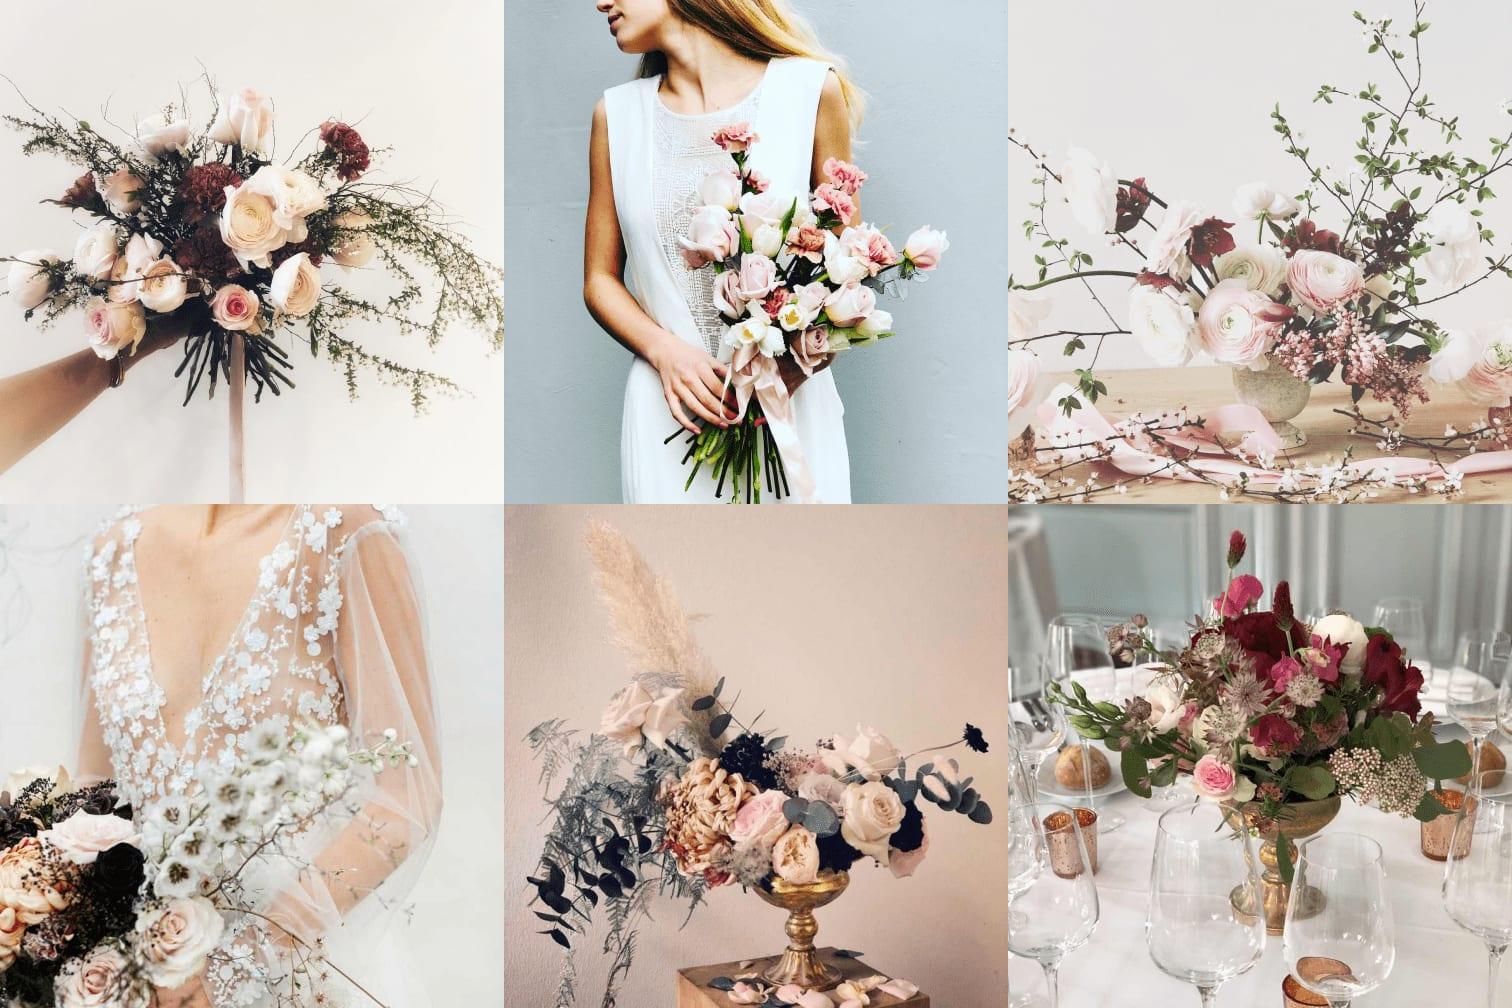 Décoration florale pour le mariage – fleur française et de saison